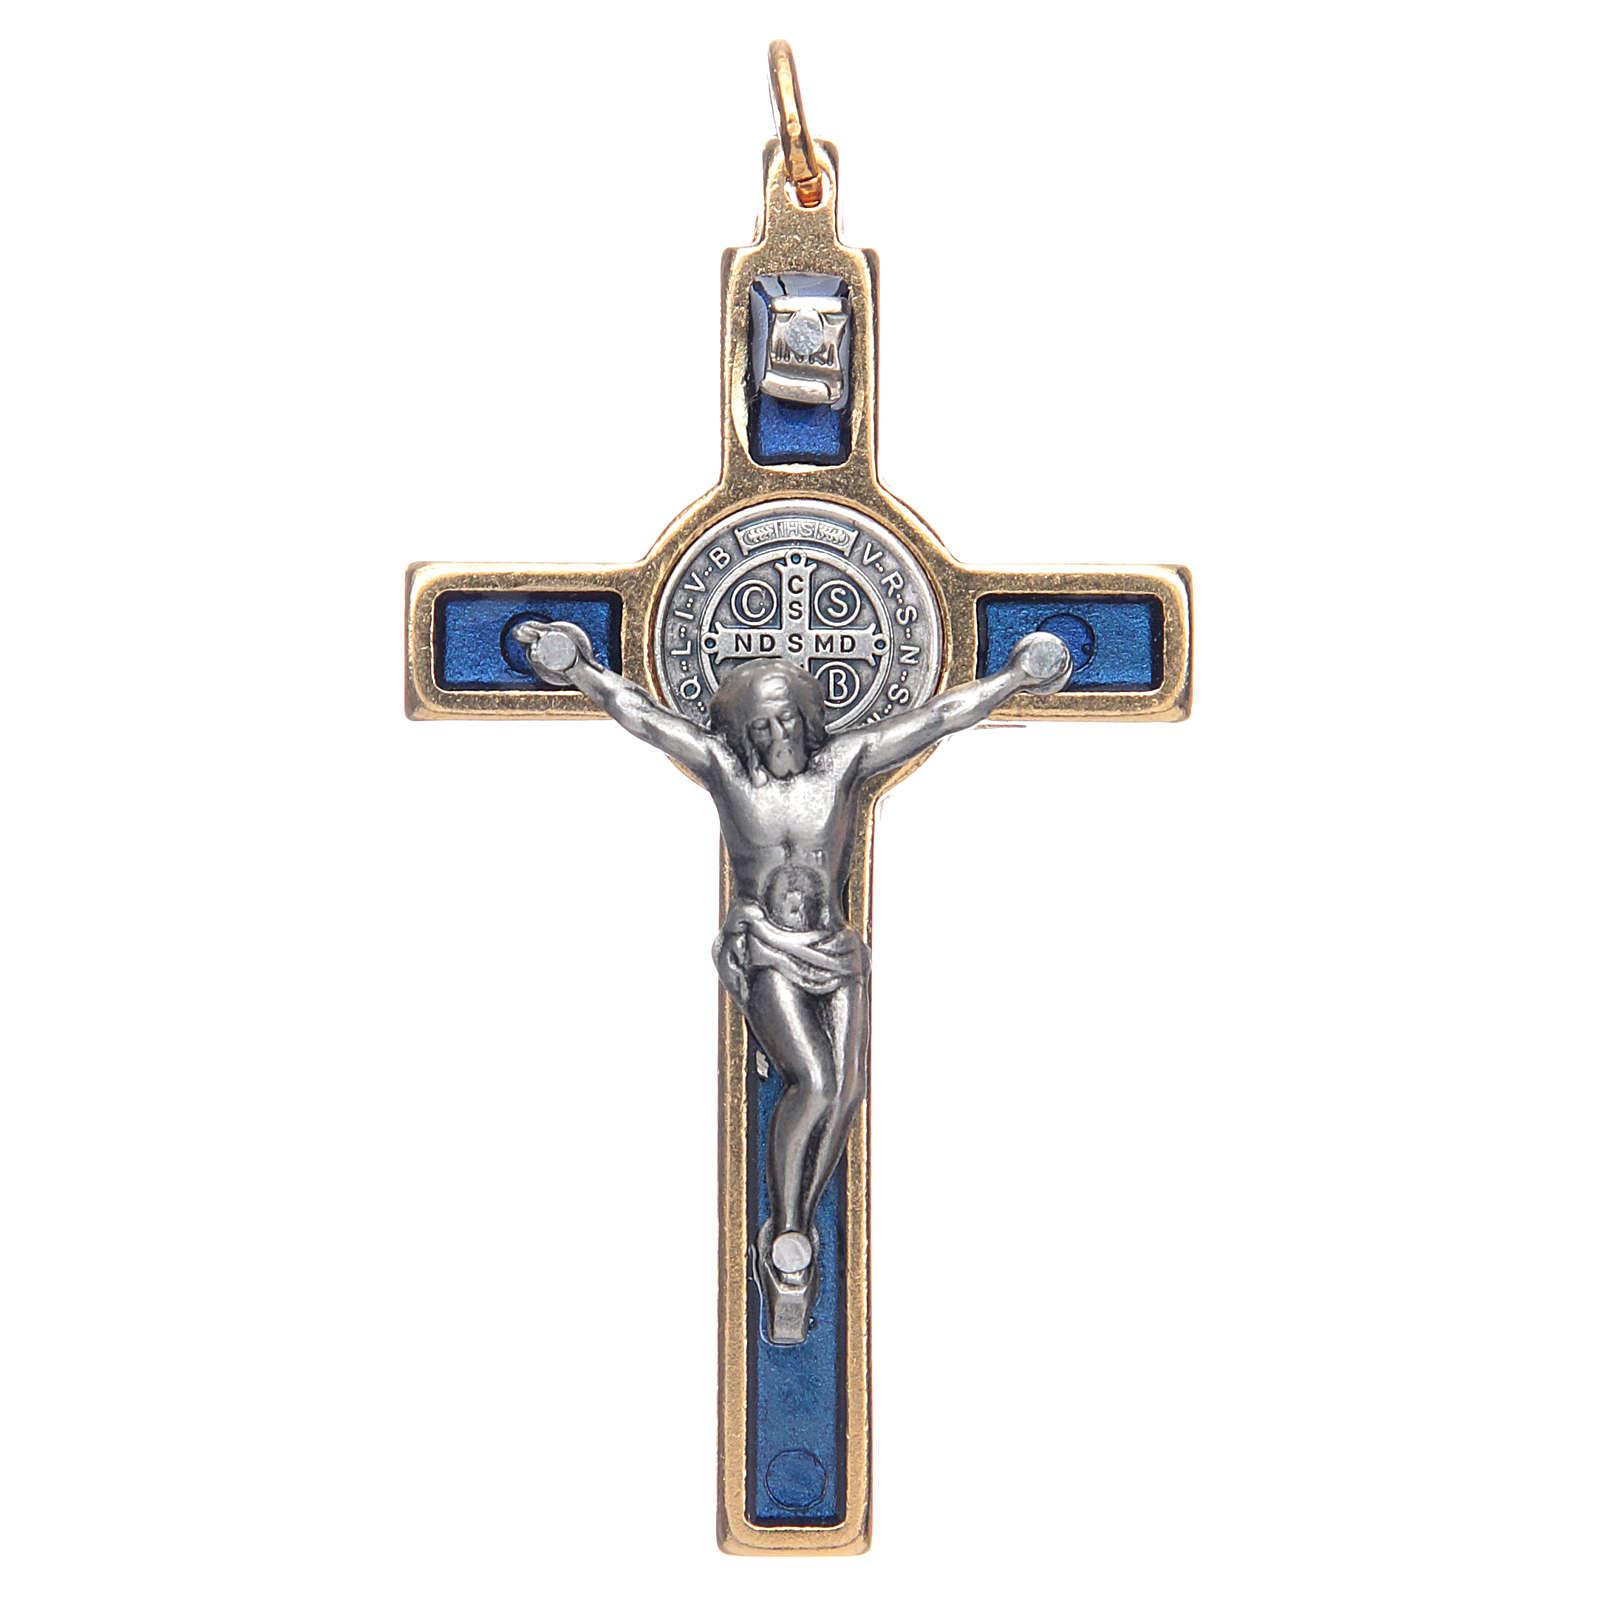 Krzyżyk św. Benedykta na szyję niebieski elegancki 4